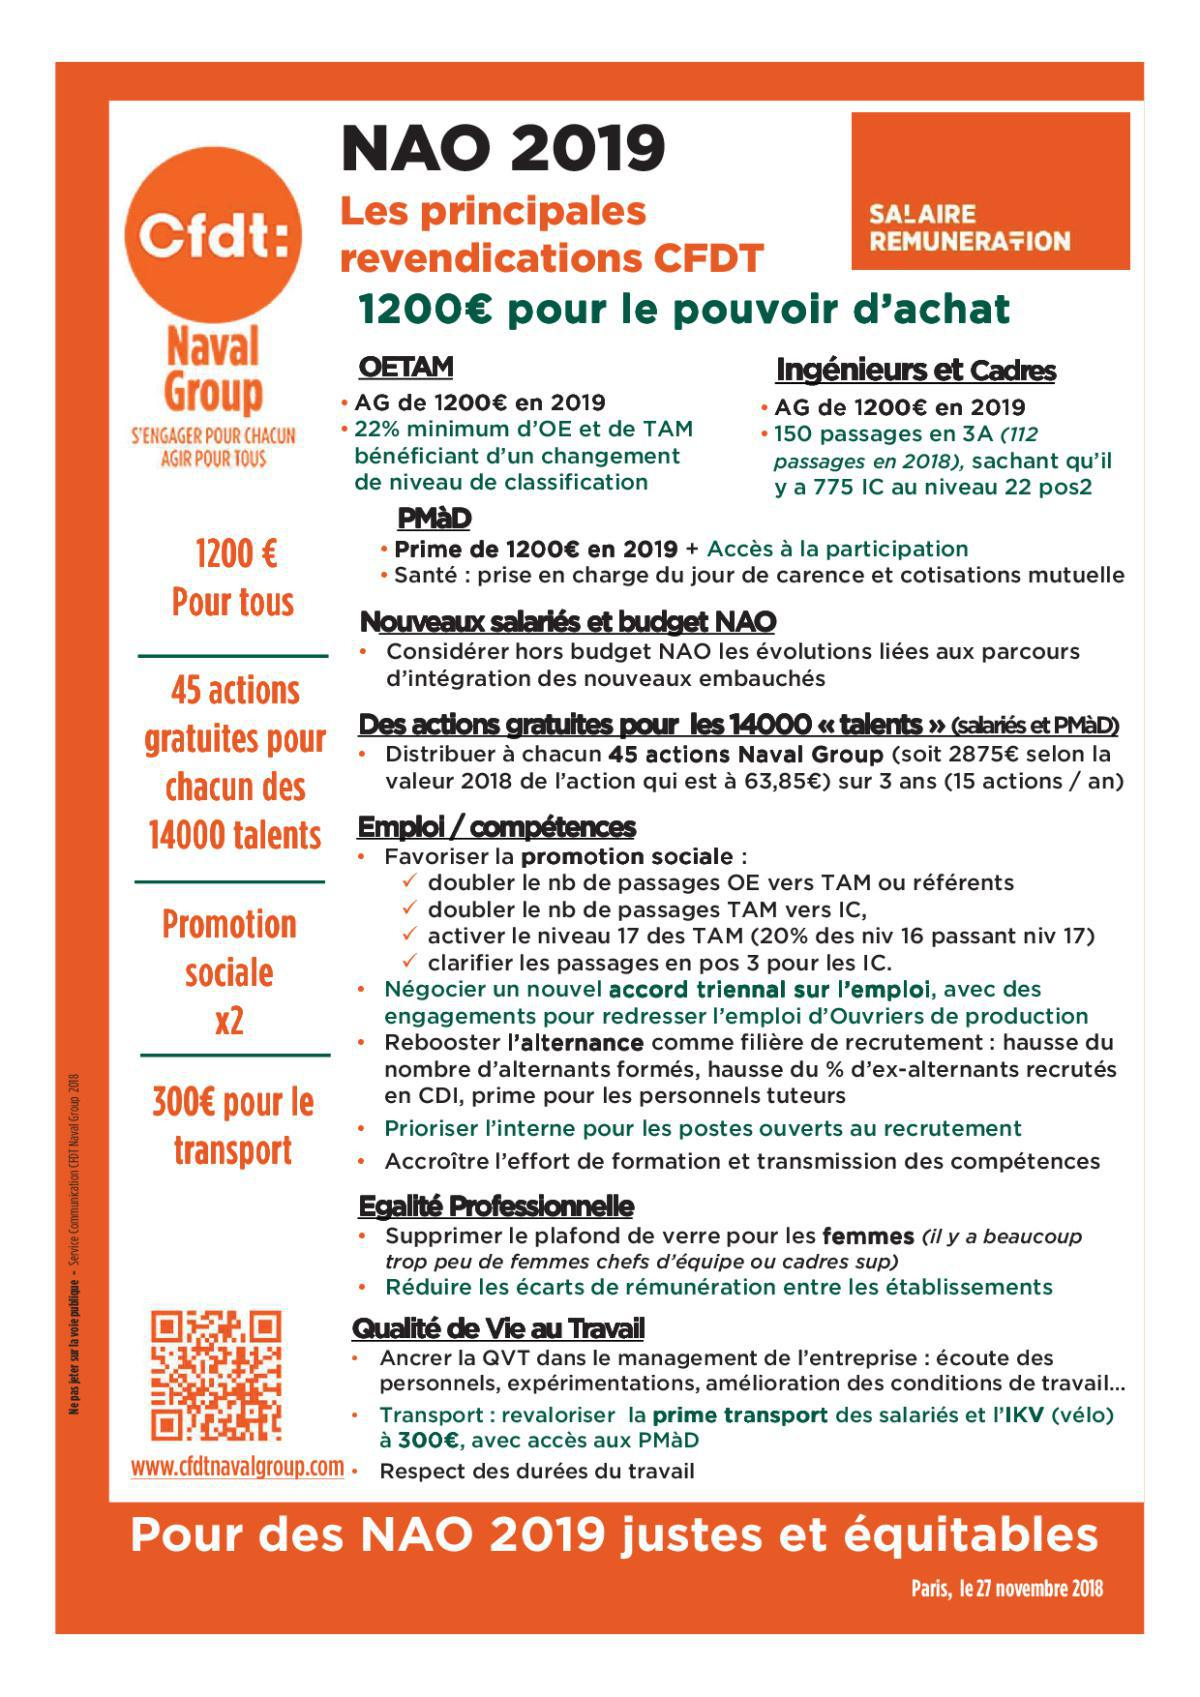 NAO 2019 : 1200€ pour le pouvoir d'achat